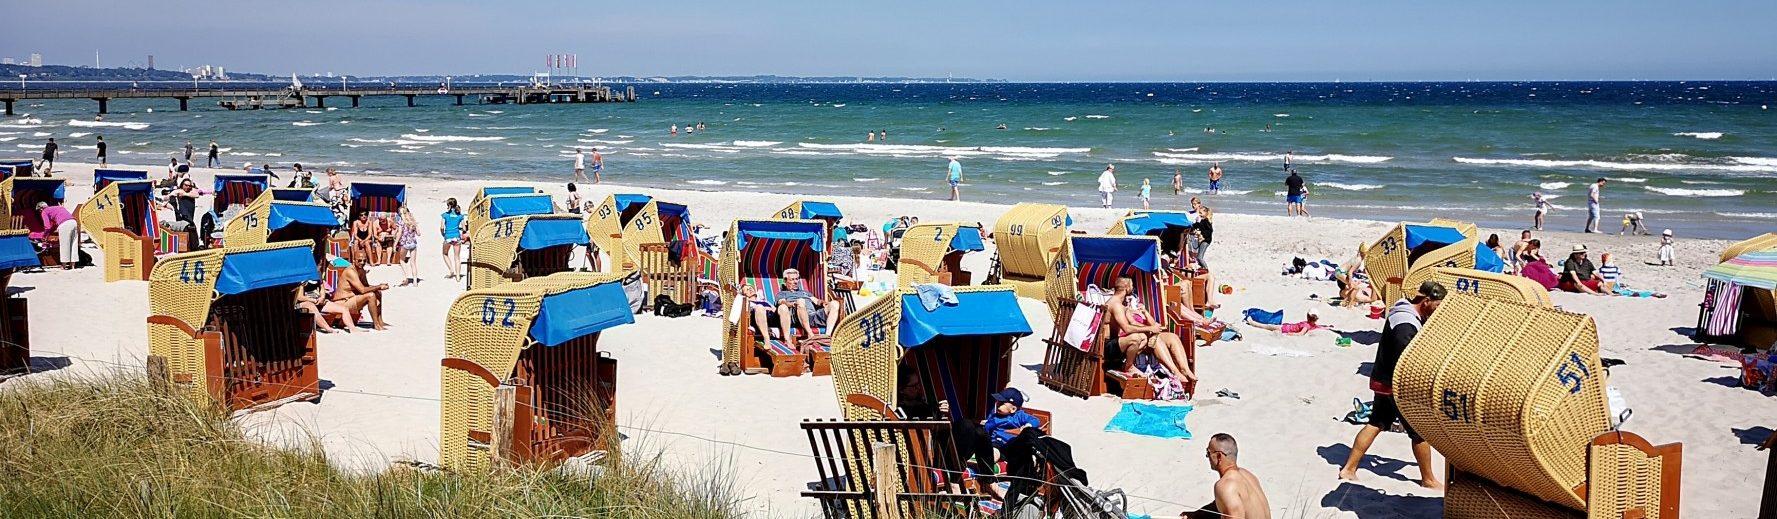 Ostsee Ferienhaus Haffkrug Strand 3